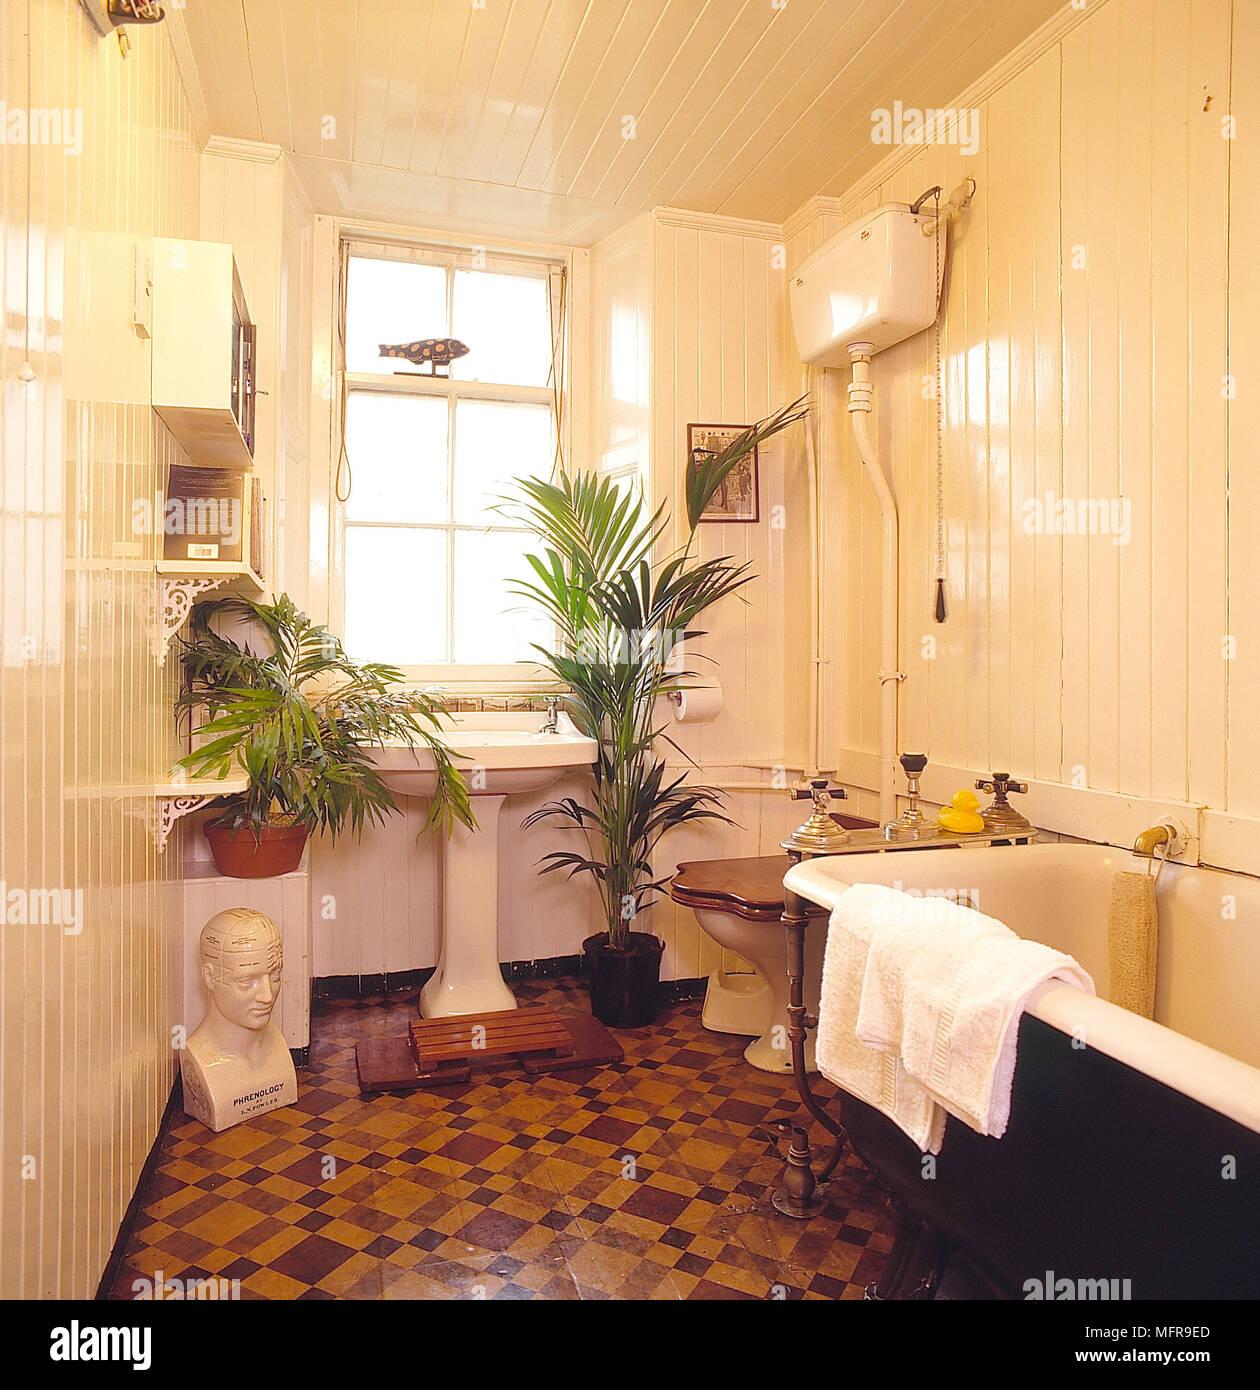 Badezimmer Creme Holzgetafelte Wande Decke Fliesen Roll Top